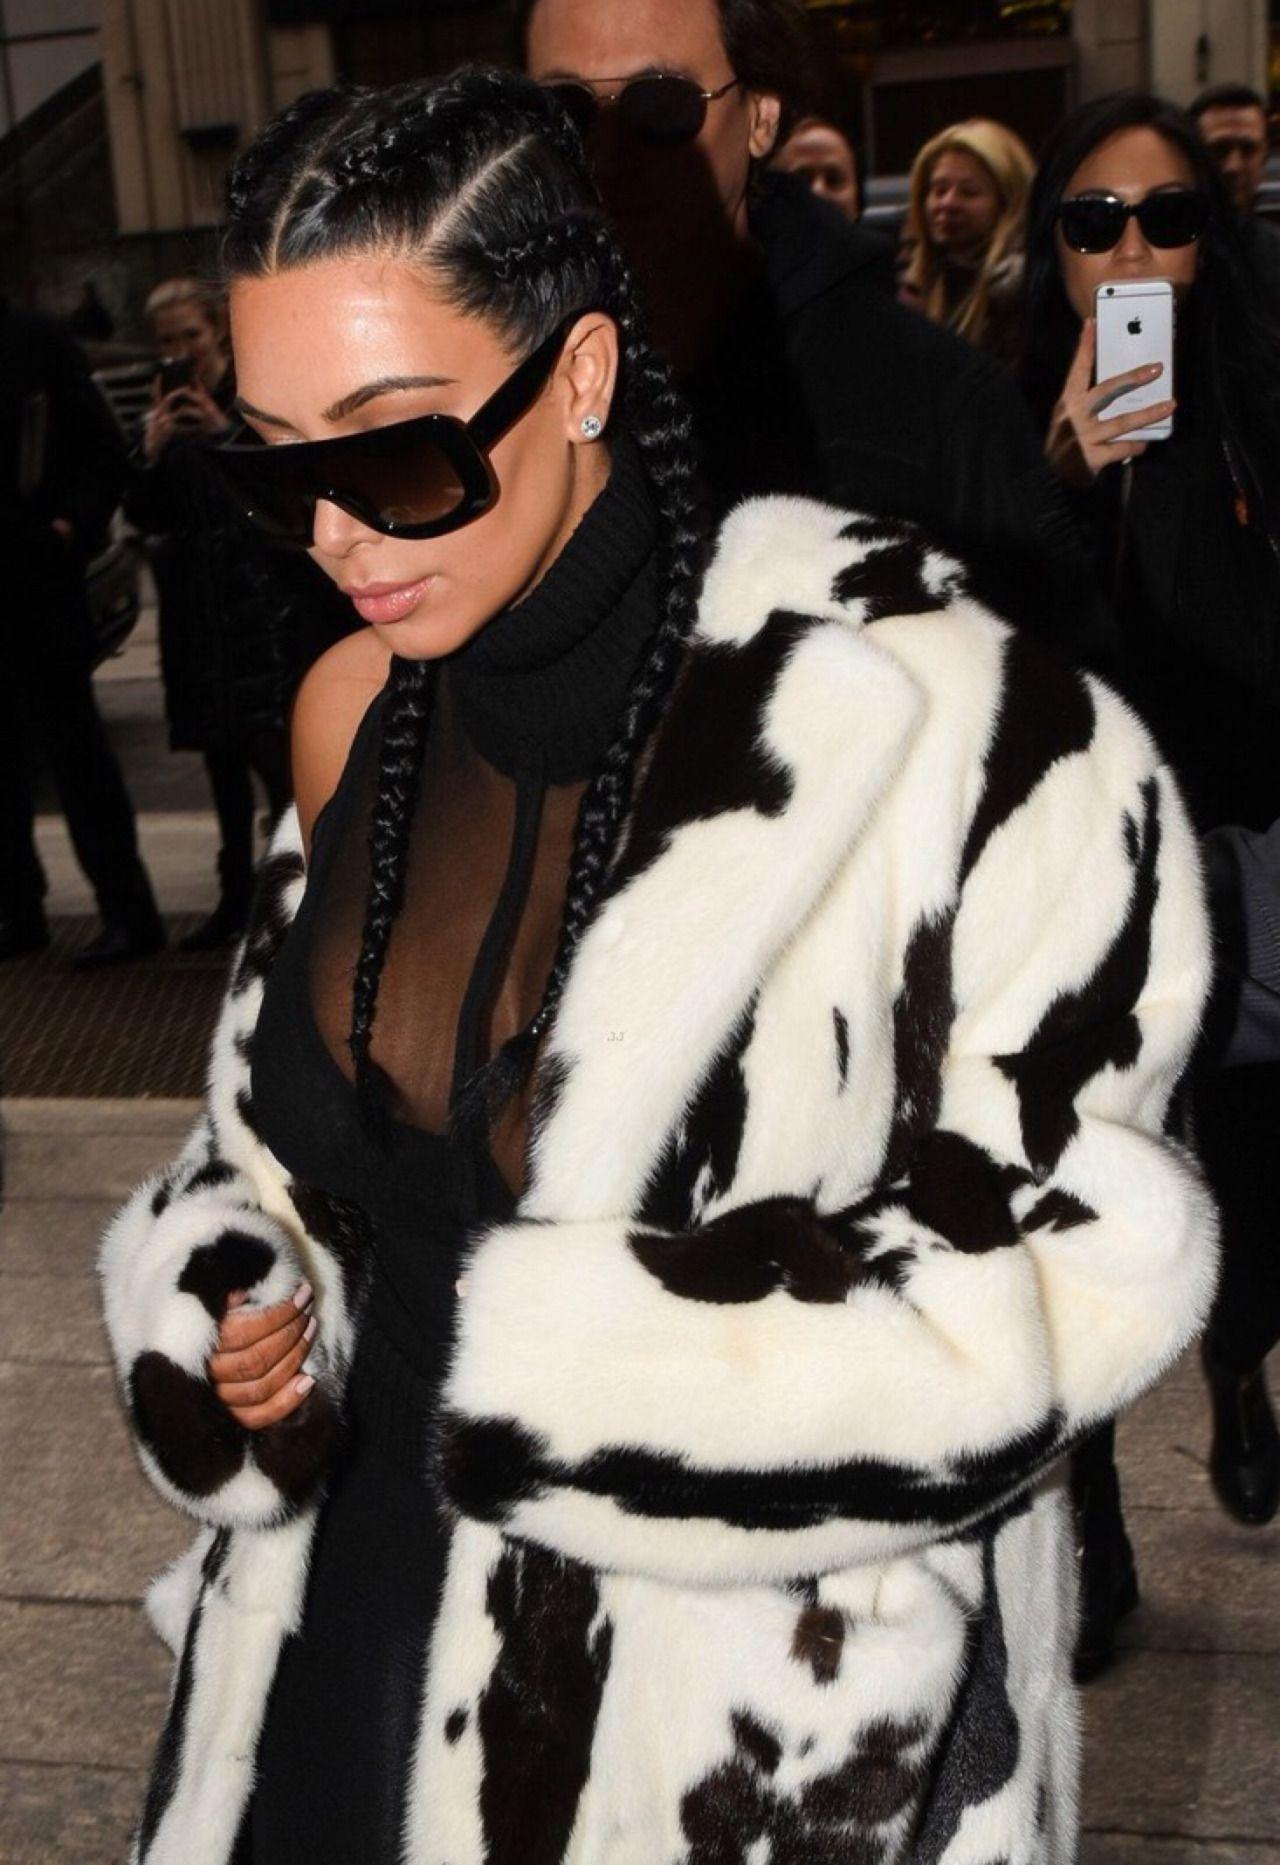 K Dashworld Kim Kardashian Braids Kim Kardashian Short Hair Kim Kardashian Pregnant